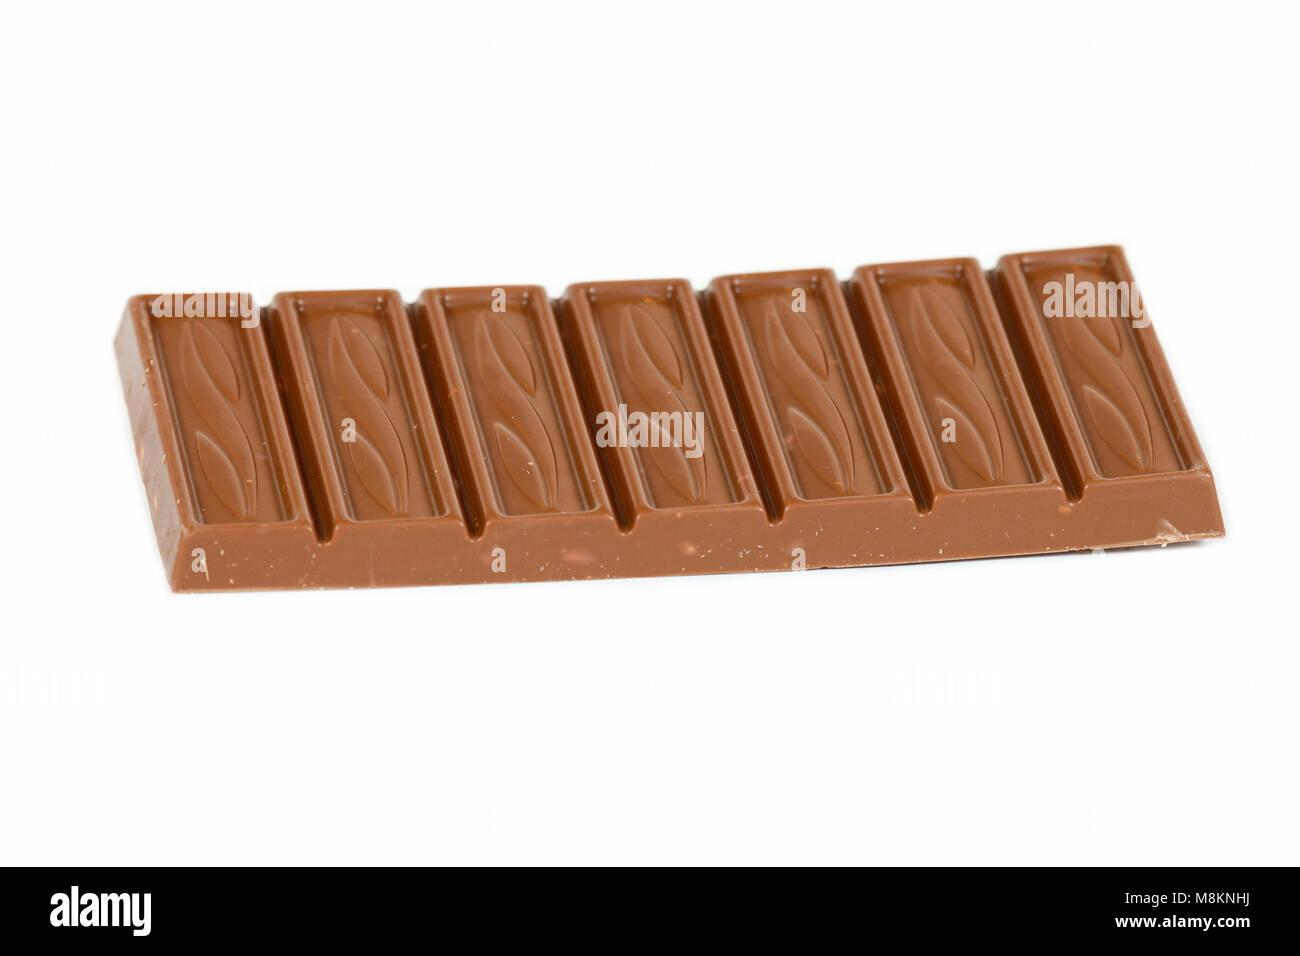 Ensemble de barre de chocolat amande lait Choceur isolé sur fond blanc Banque D'Images